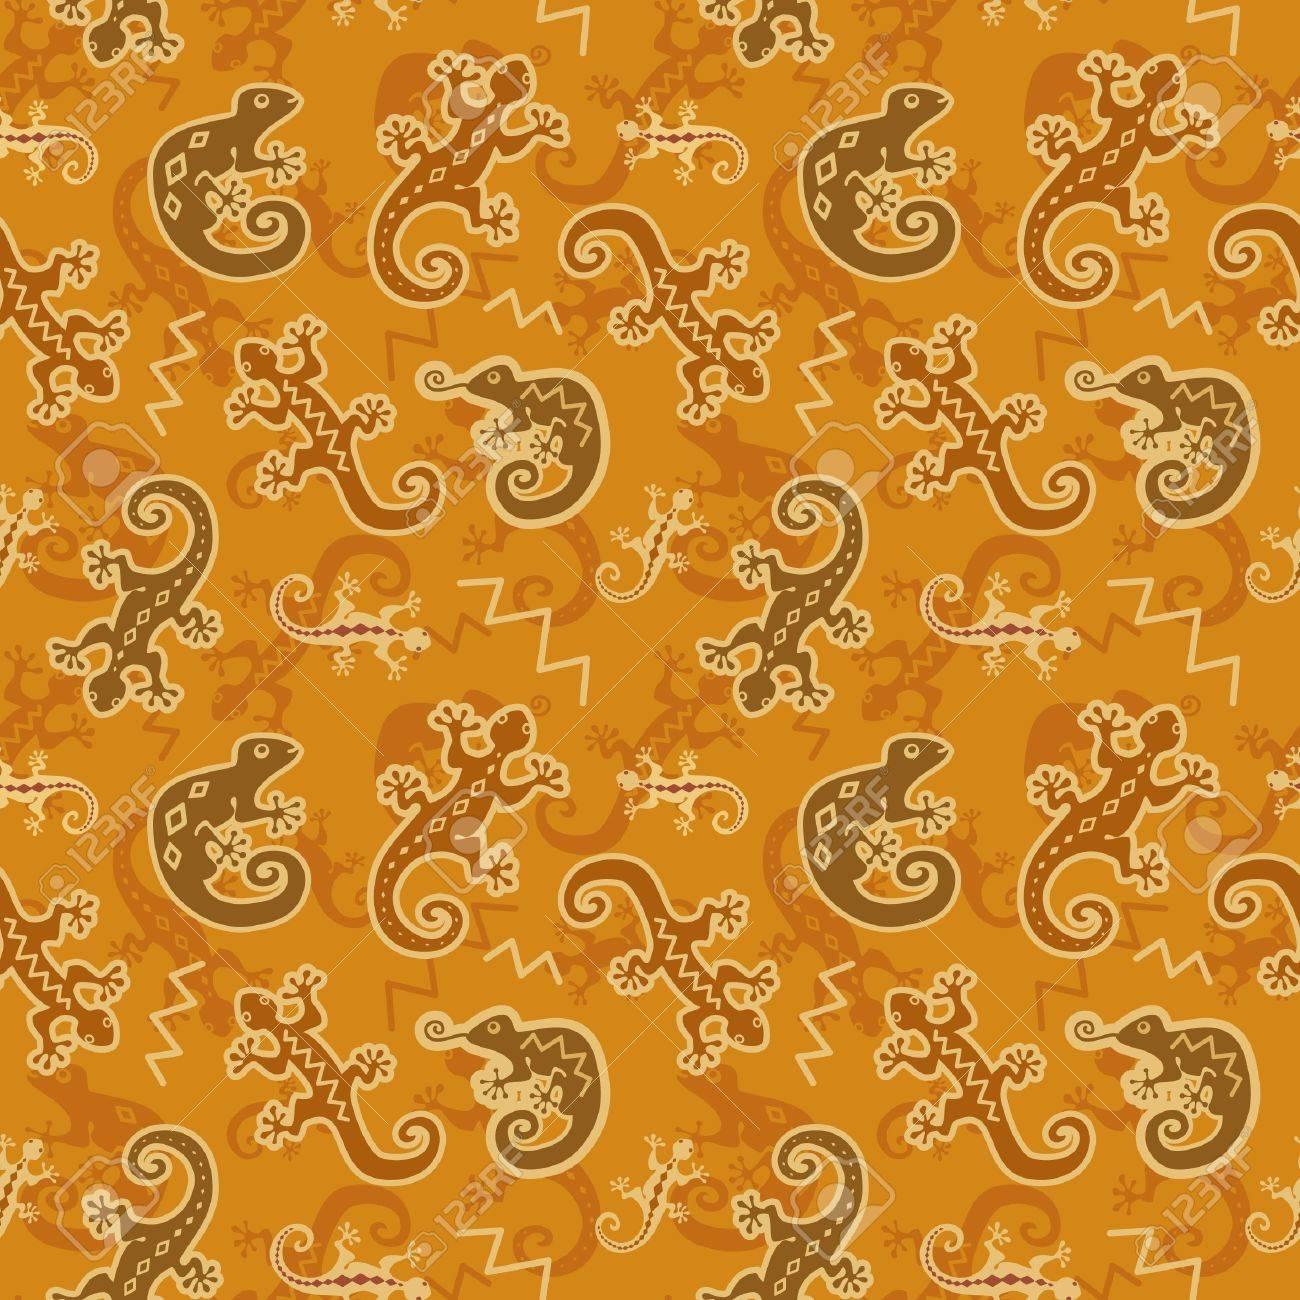 トカゲ カメレオンの壁紙のイラスト素材 ベクタ Image 13910292